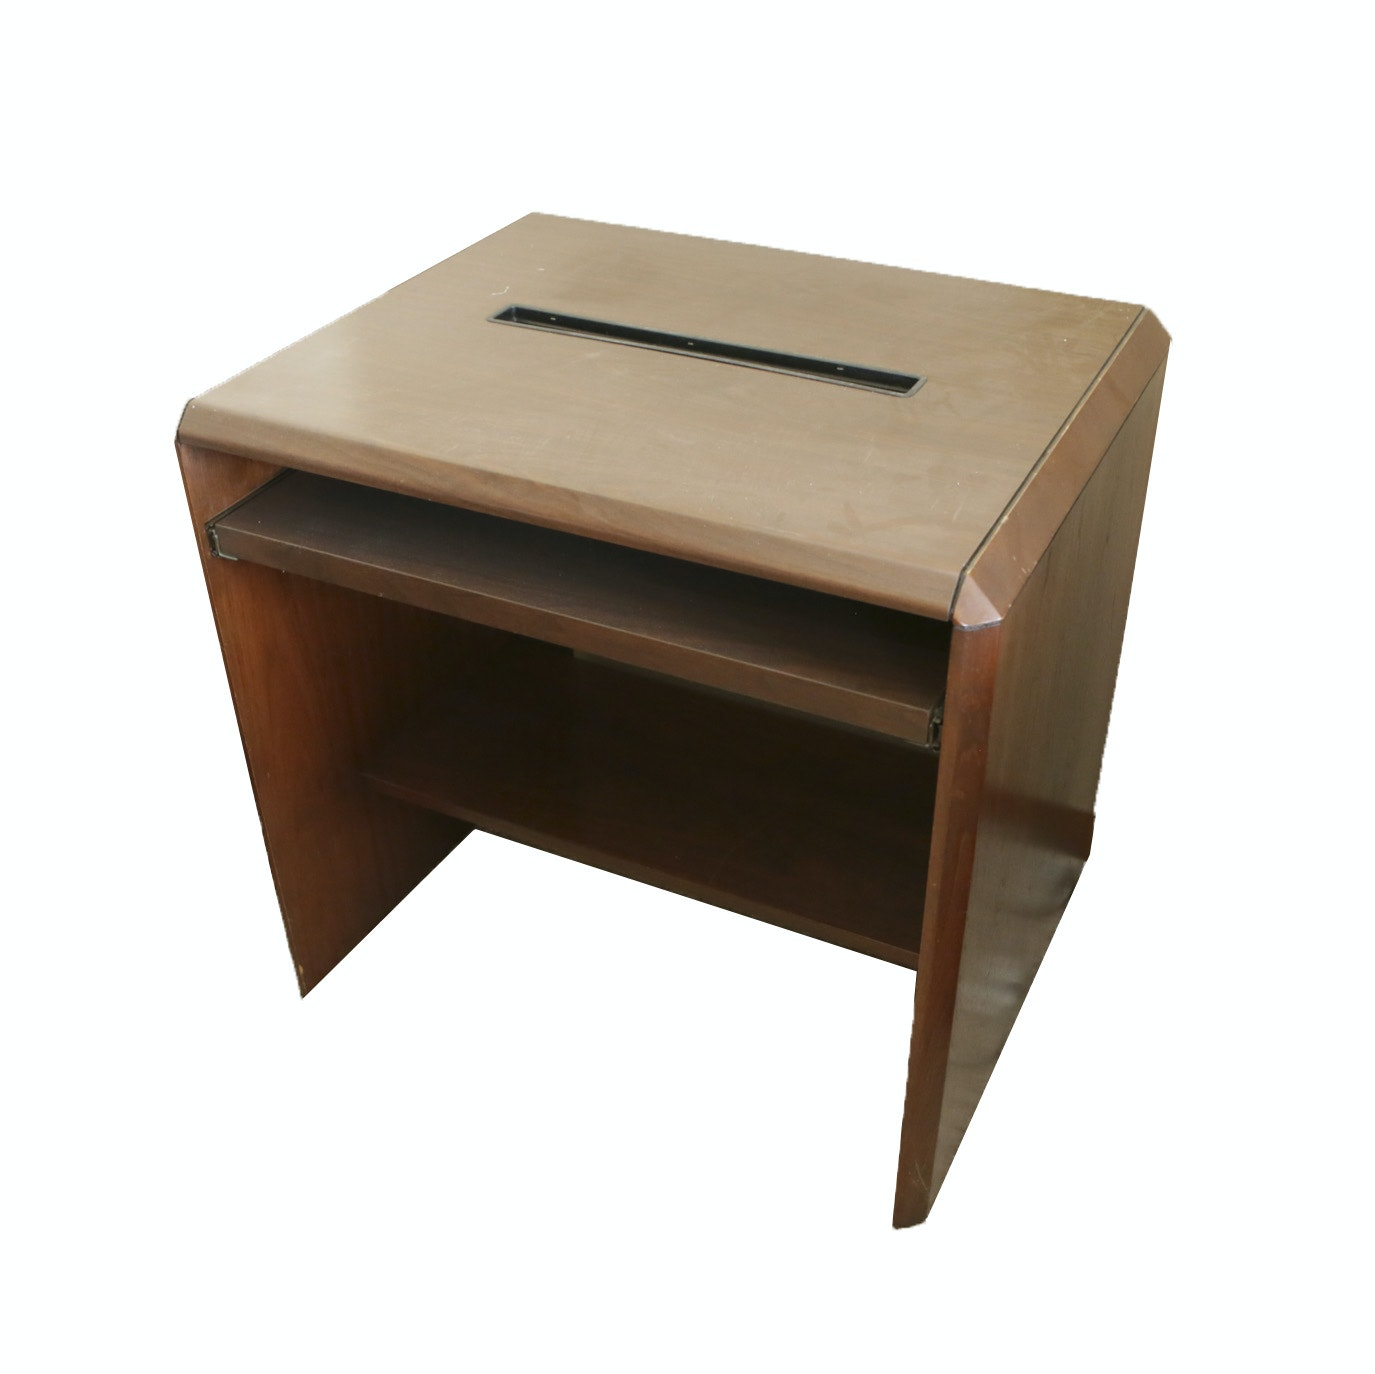 Contemporary Printer Table